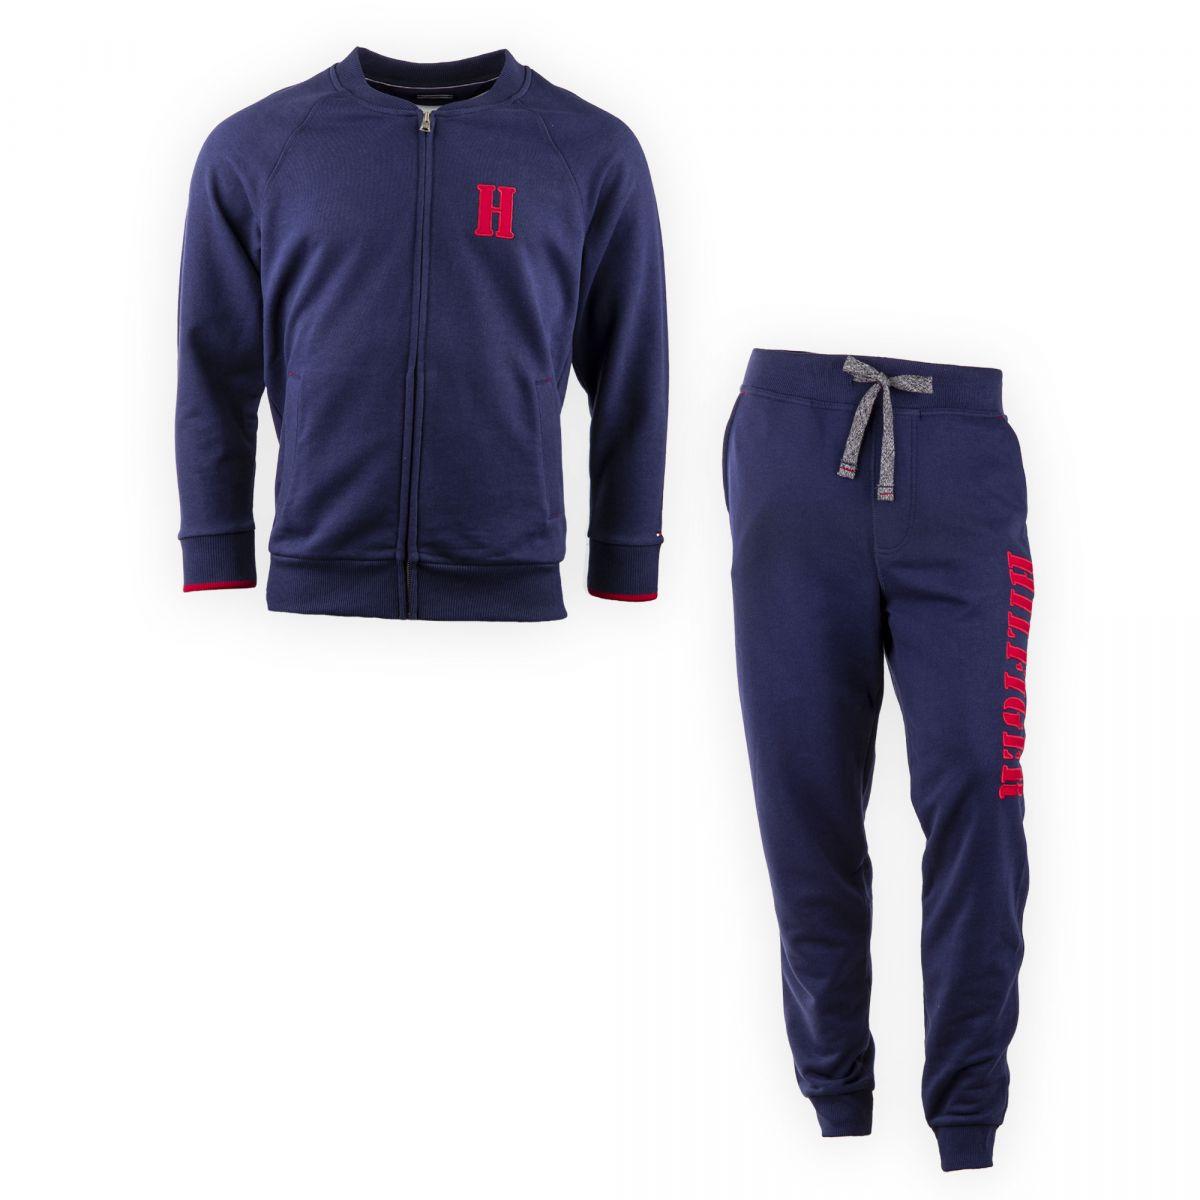 e2c006e01b510 Ensemble jogging bleu marine homme TOMMY HILFIGER marque pas cher prix  dégriffés destockage ...